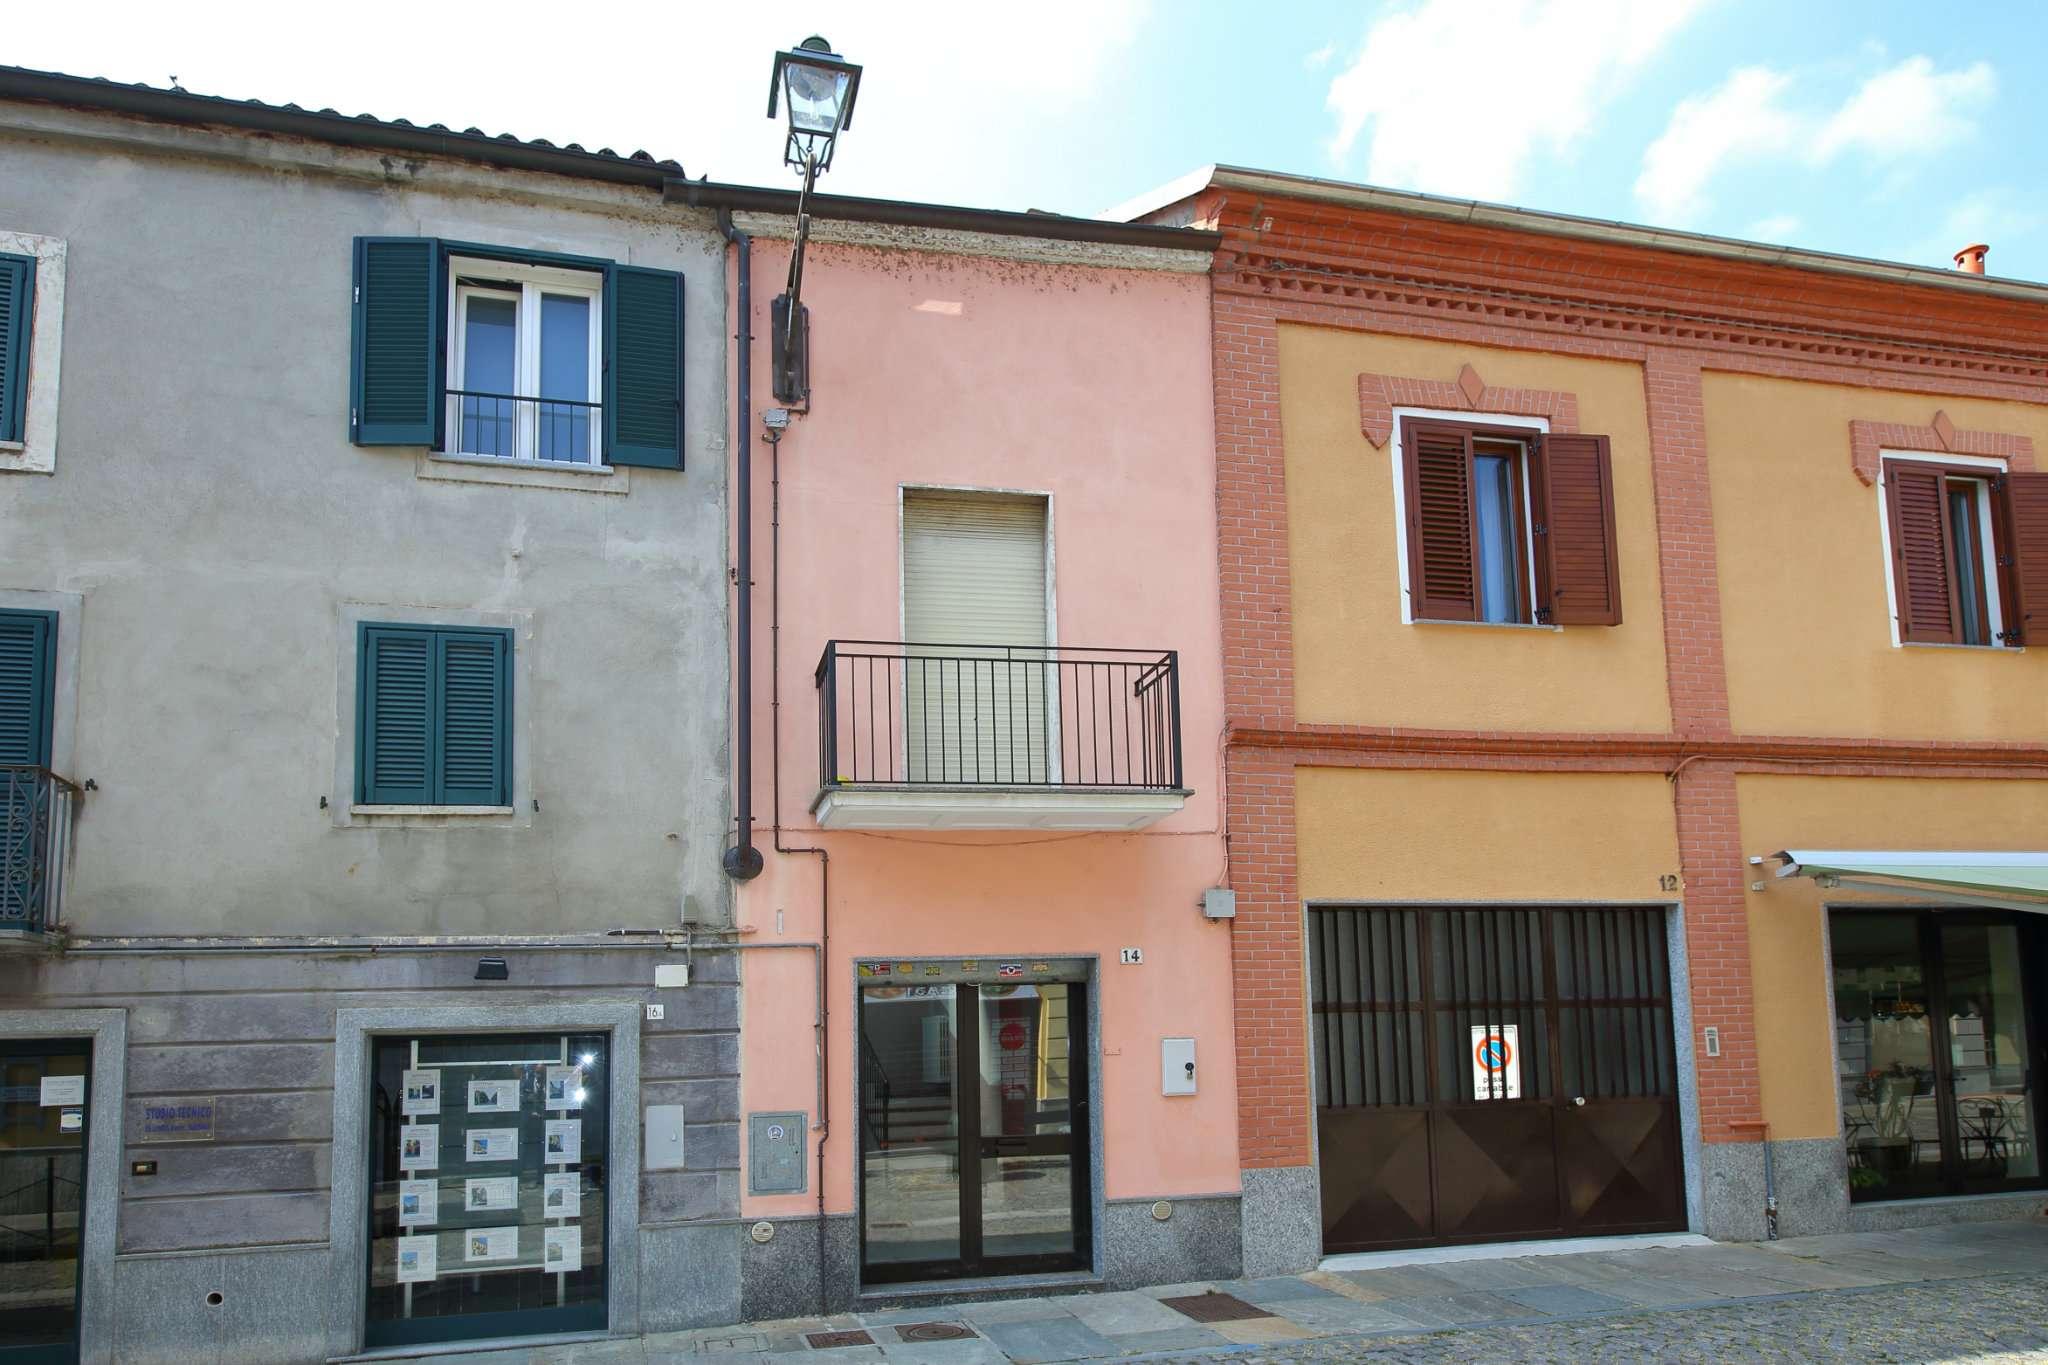 Negozio / Locale in affitto a Chivasso, 4 locali, prezzo € 500 | CambioCasa.it